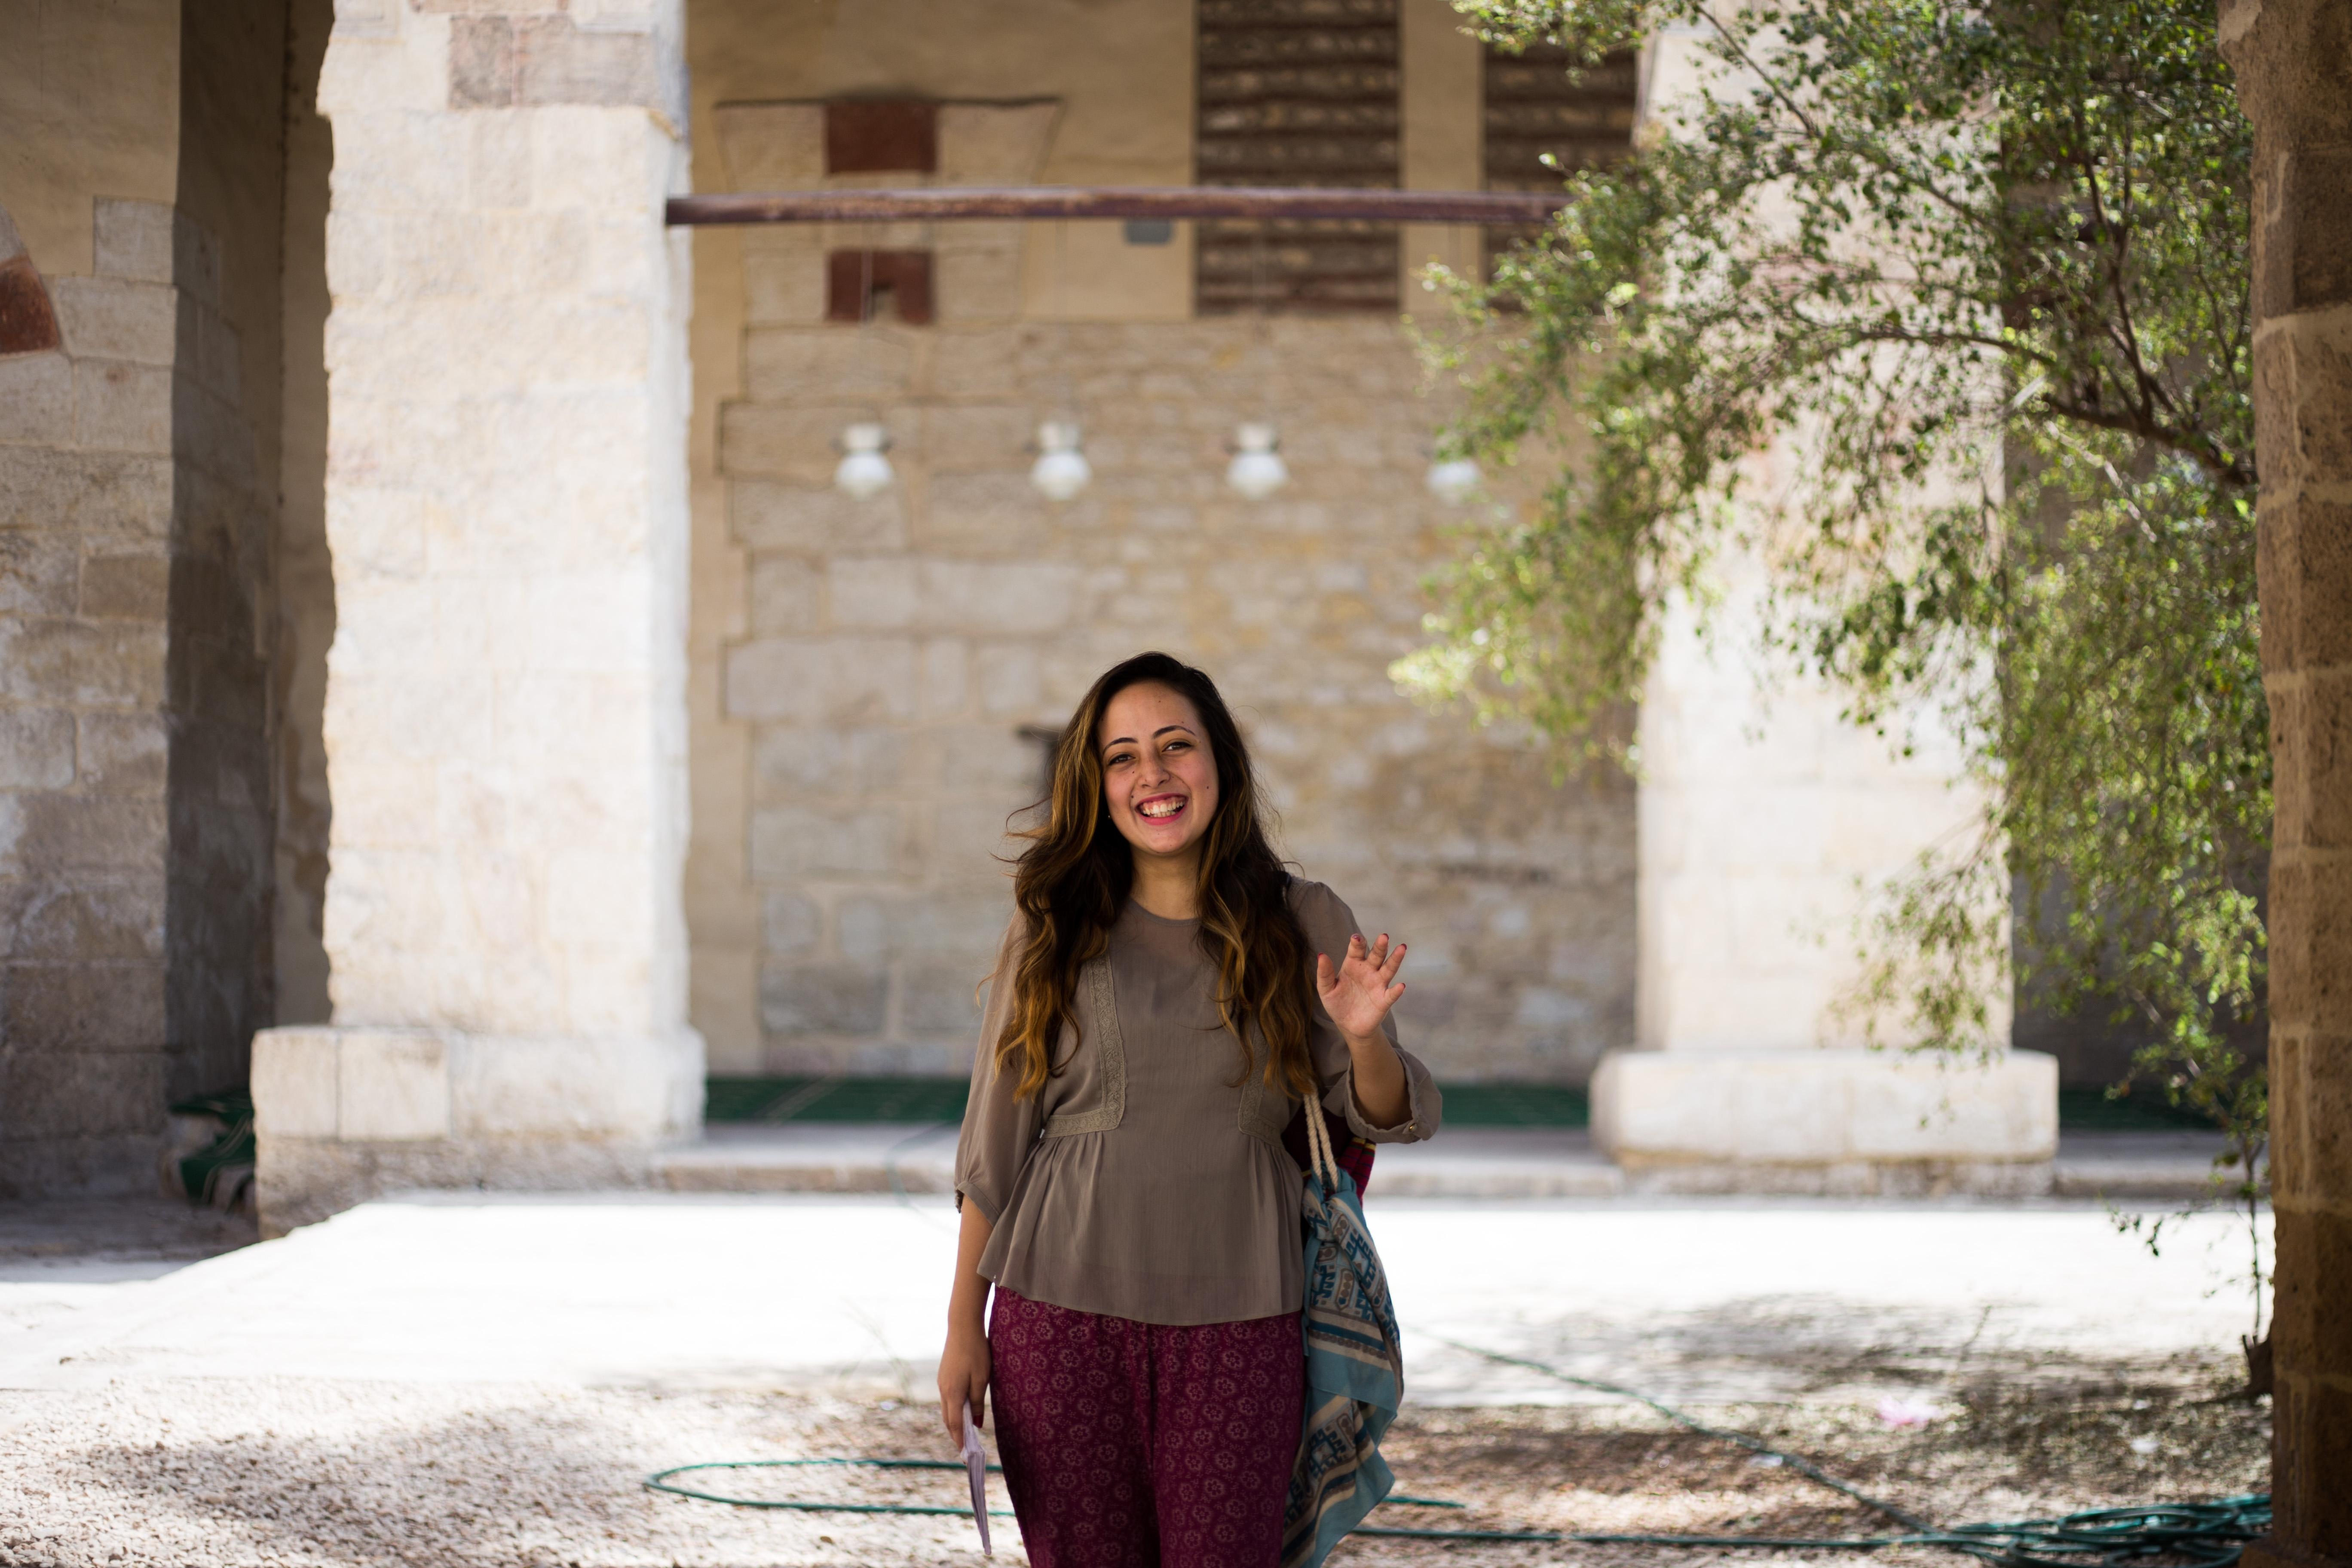 Esraa Farouk, 23. Photo: Belal Darder